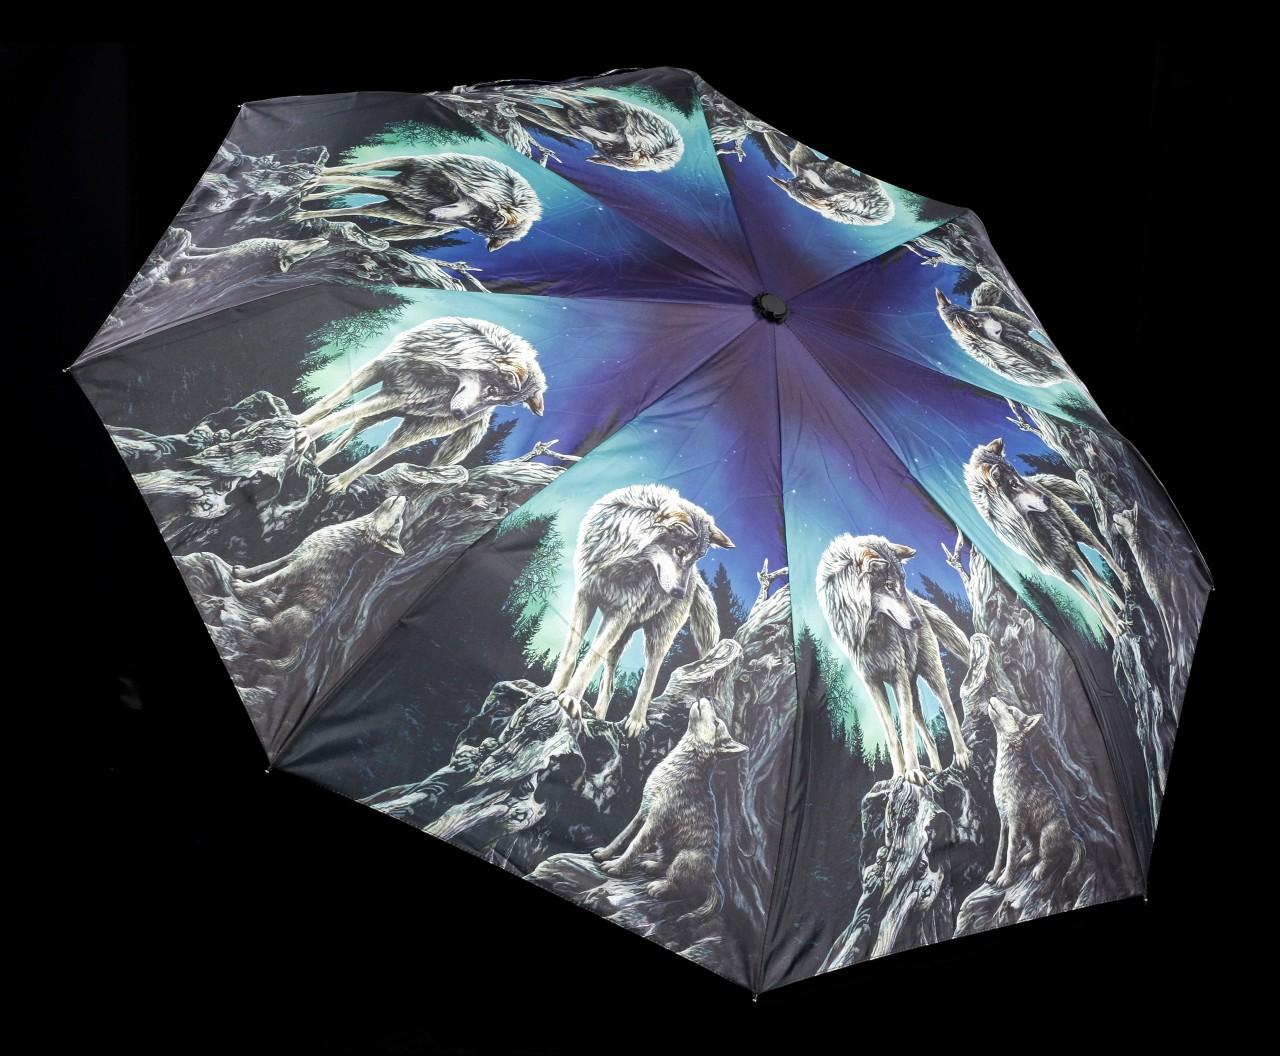 Regenschirm mit Wölfen - Guidance